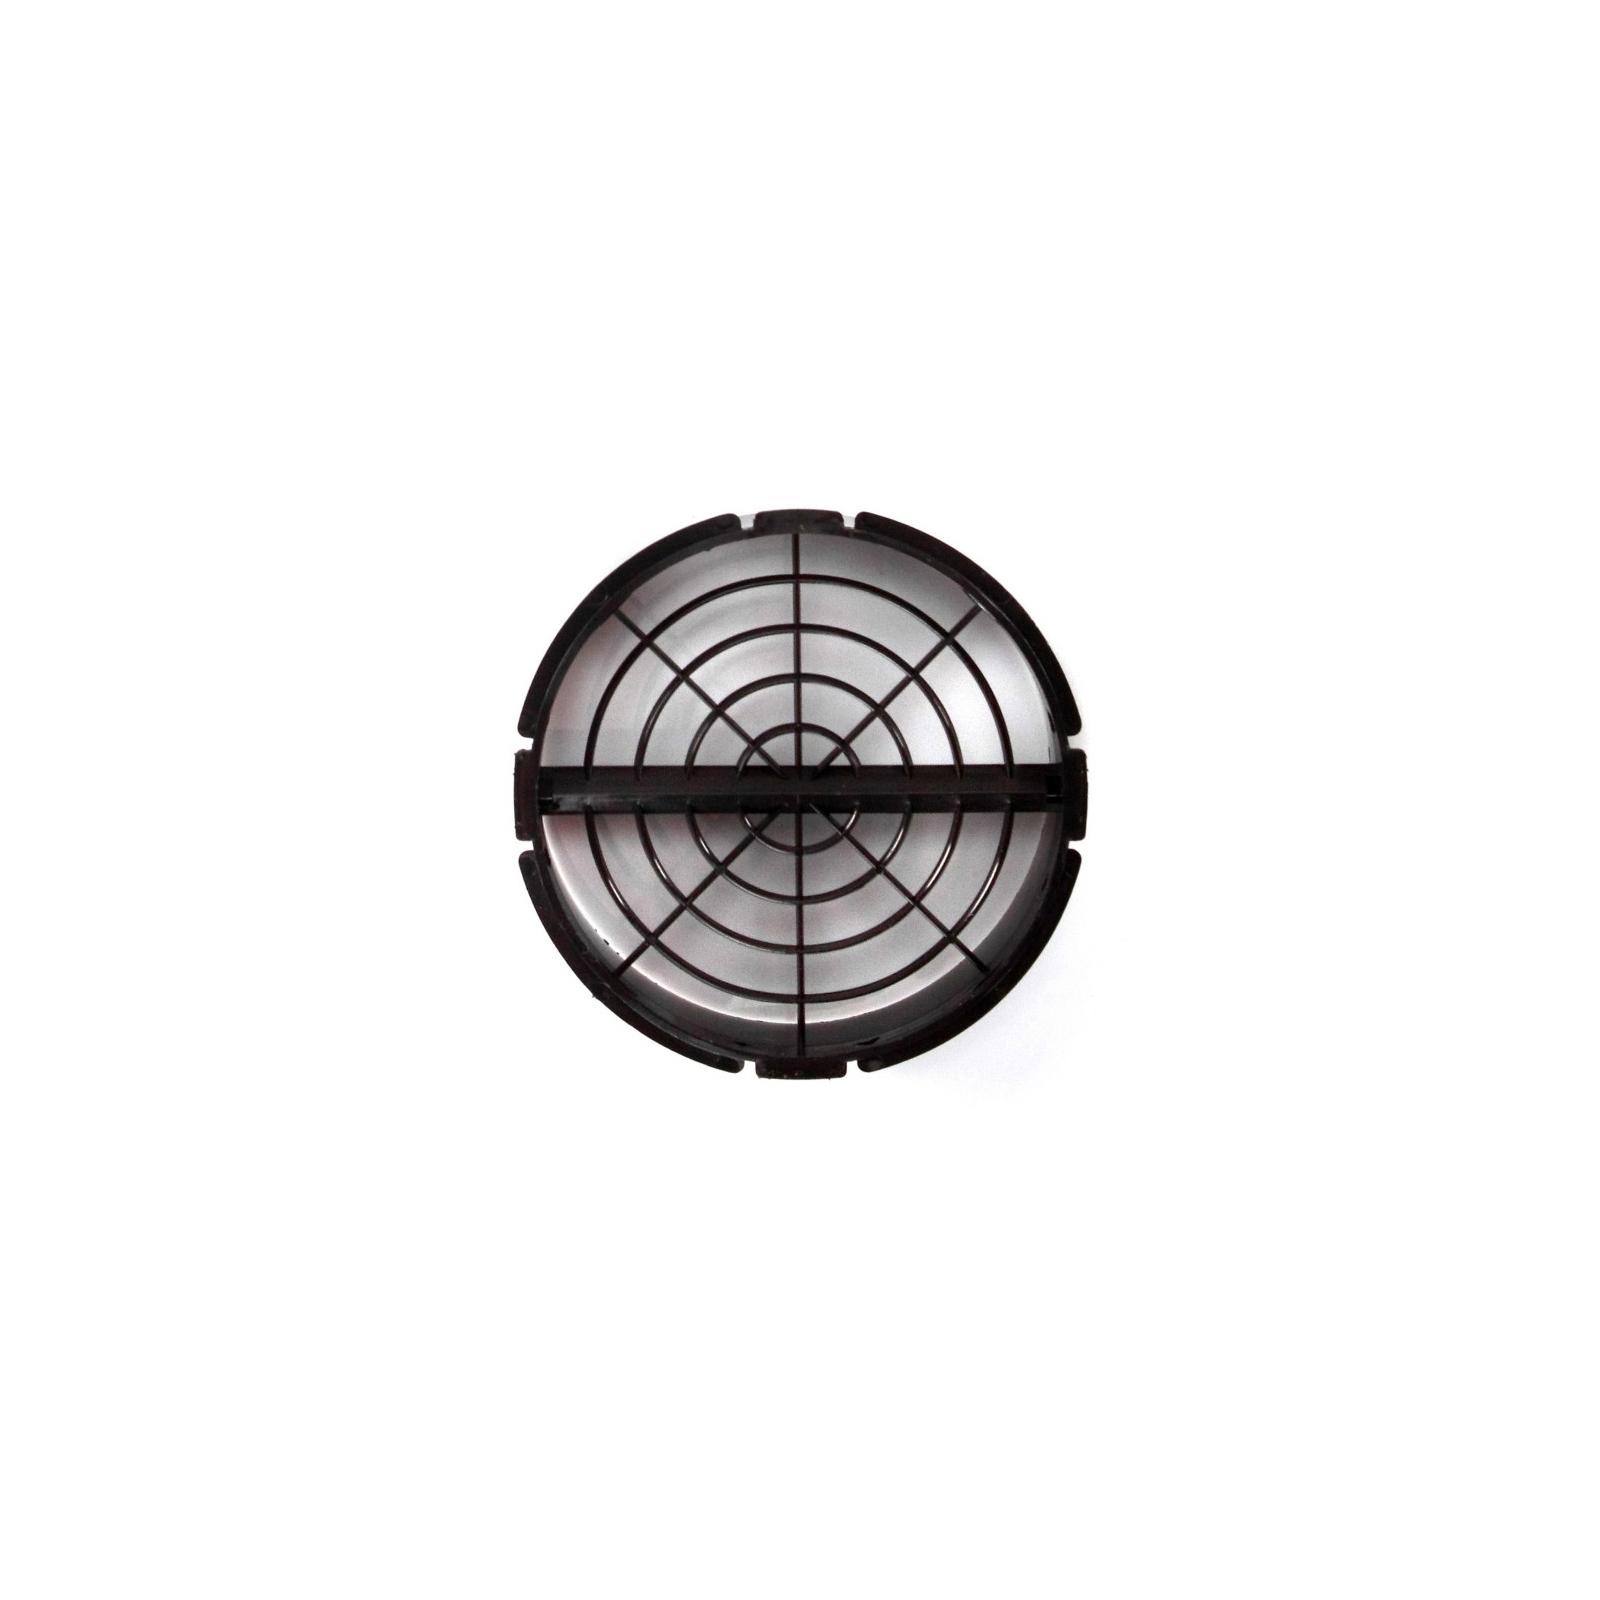 Вытяжка кухонная Eleyus Cyclon 470 60 WH изображение 11